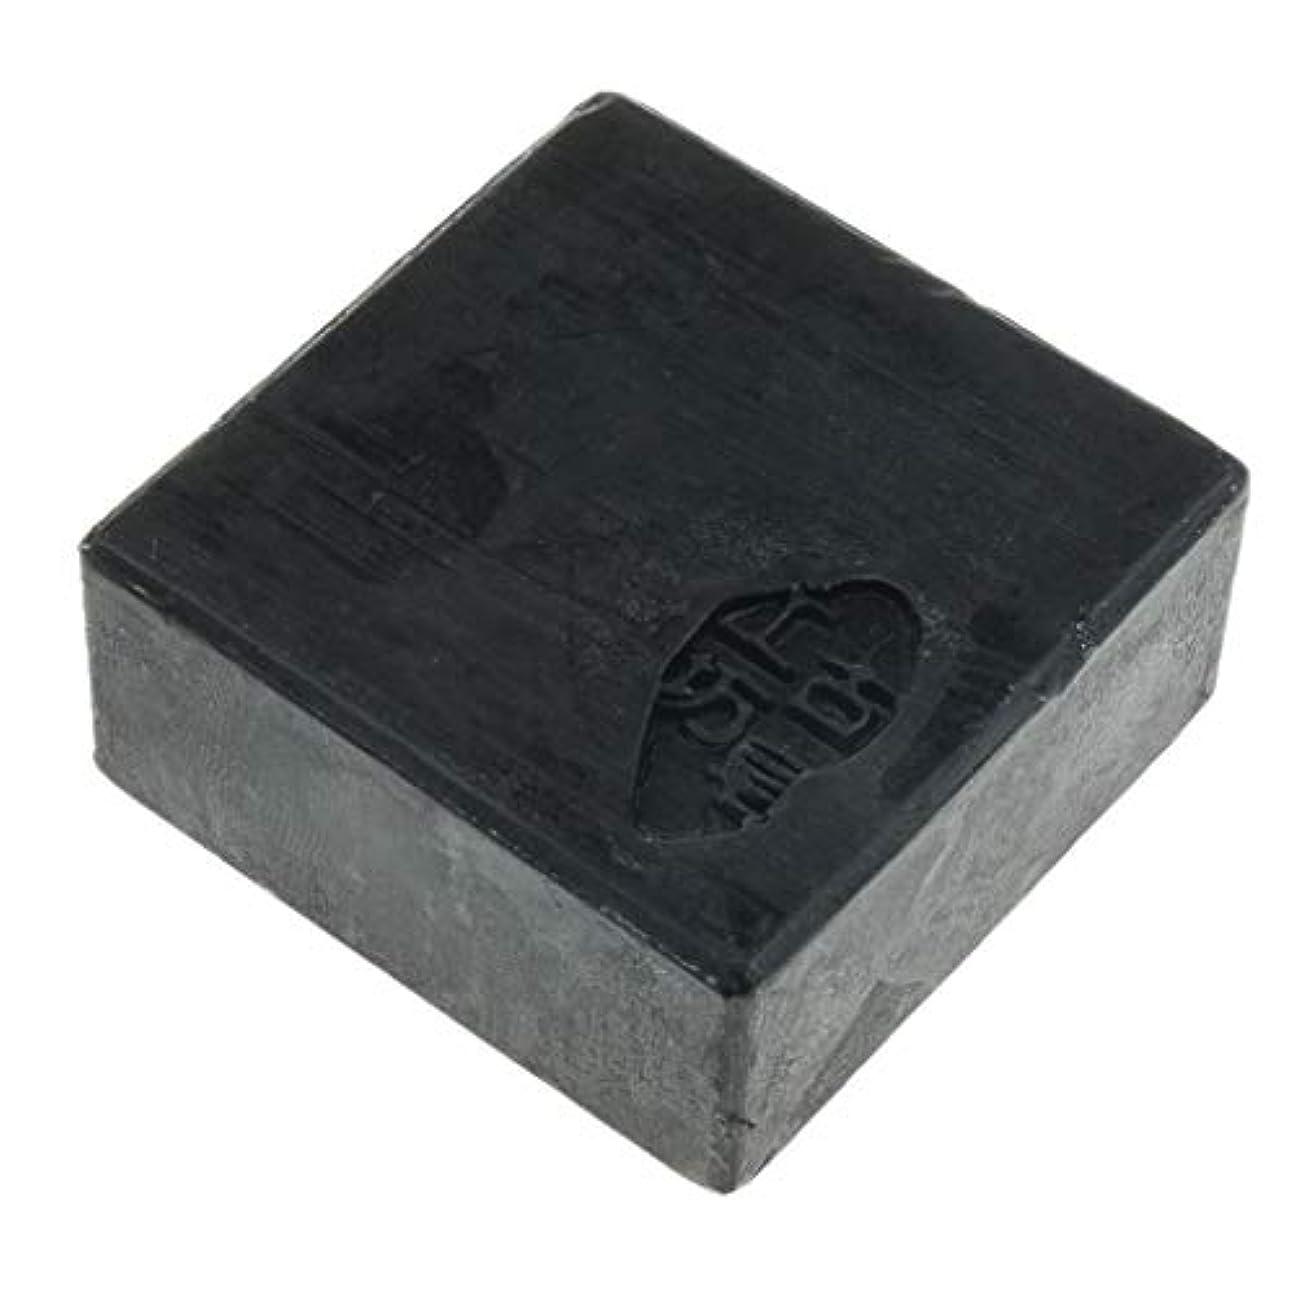 含める王室削るD DOLITY ボディ フェイスソープ バス スキンケア 保湿 肌守り 全3色 - ブラック